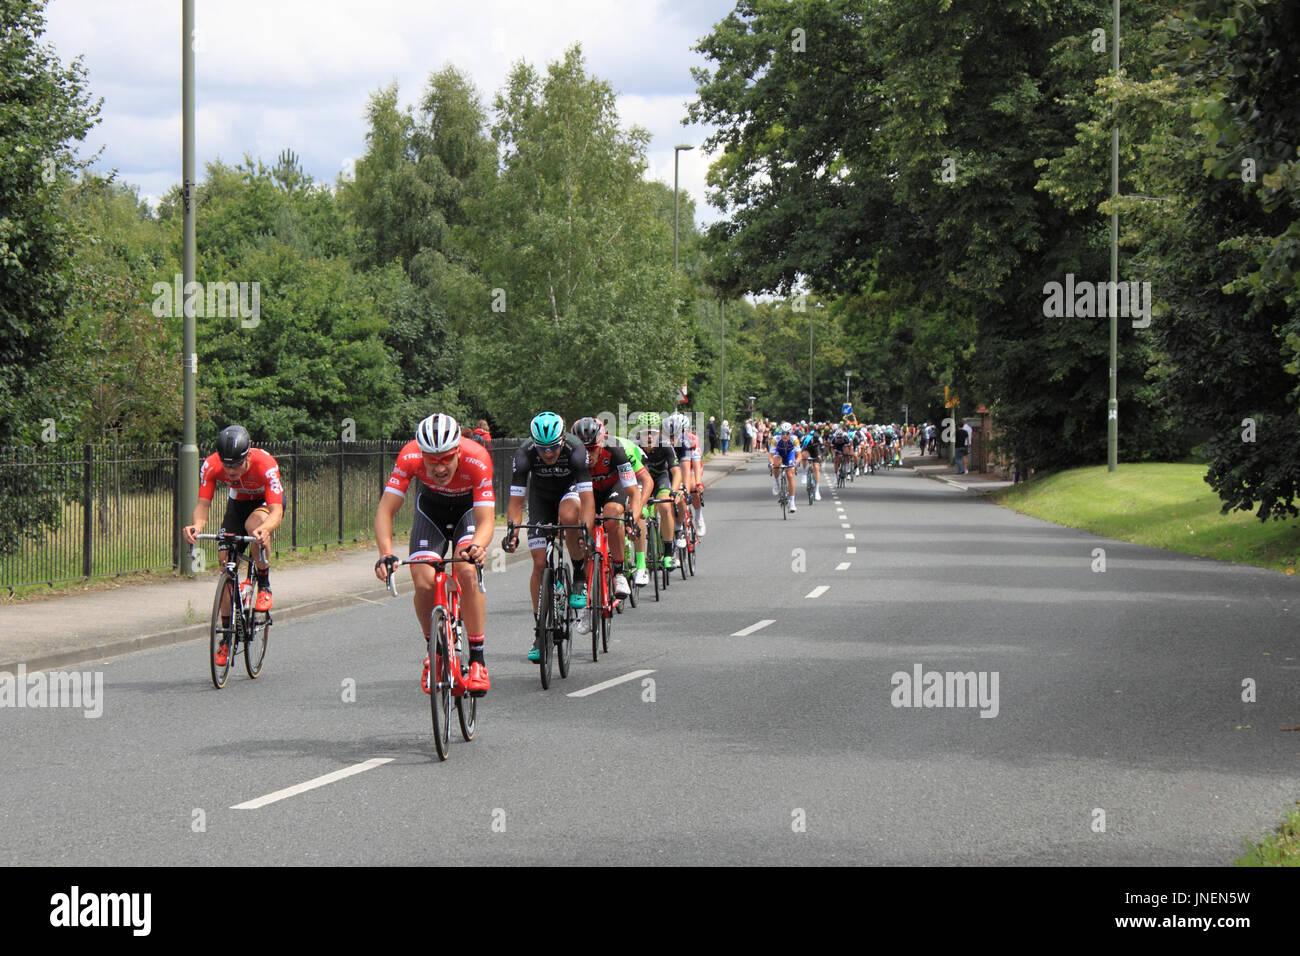 Von links nach rechts: André Greipel (Lotto-Saudal), Matthias Brändle (Trek-Segafredo), Pascal Ackermann (Bora-Hansgrohe) und Manuel Quinziato (BMC Racing). RideLondon-Surrey Klassiker. Hurst Road, East Molesey, Surrey, UK. 30. Juli 2017. UCI World Tour klassifiziert, Tages-140km Straßenlauf Start und Ziel im Zentrum von London. Die Route basiert auf den Kurs für die Olympischen Spiele 2012 verwendet und nimmt dem Fahrer aus London in Surrey Hills. Bildnachweis: Ian Flasche/Alamy Live-Nachrichten Stockbild